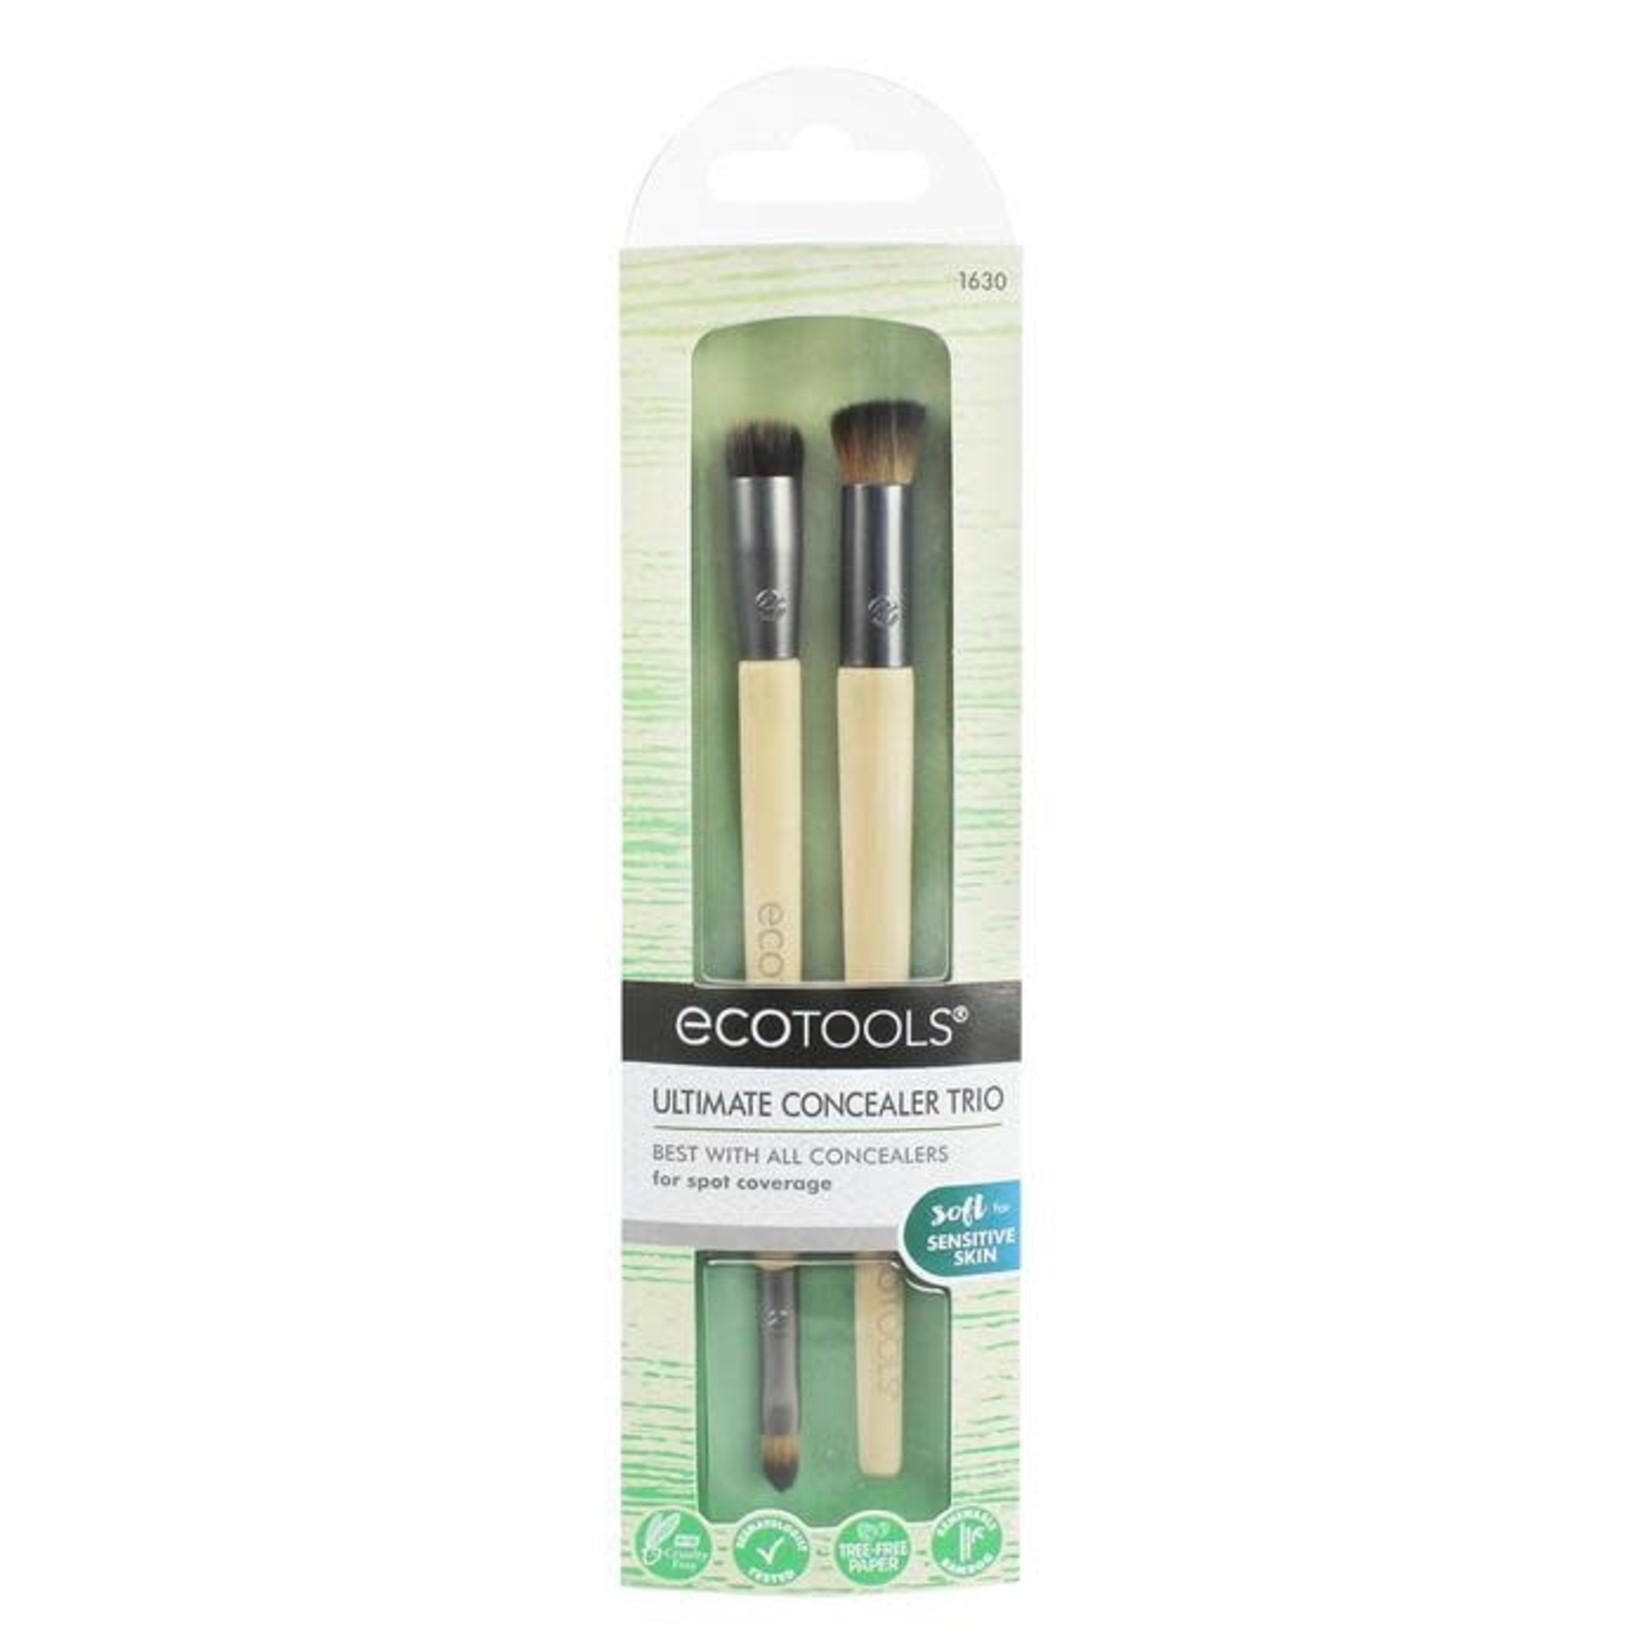 EcoTools EcoTools Ultimate Concealer Trio